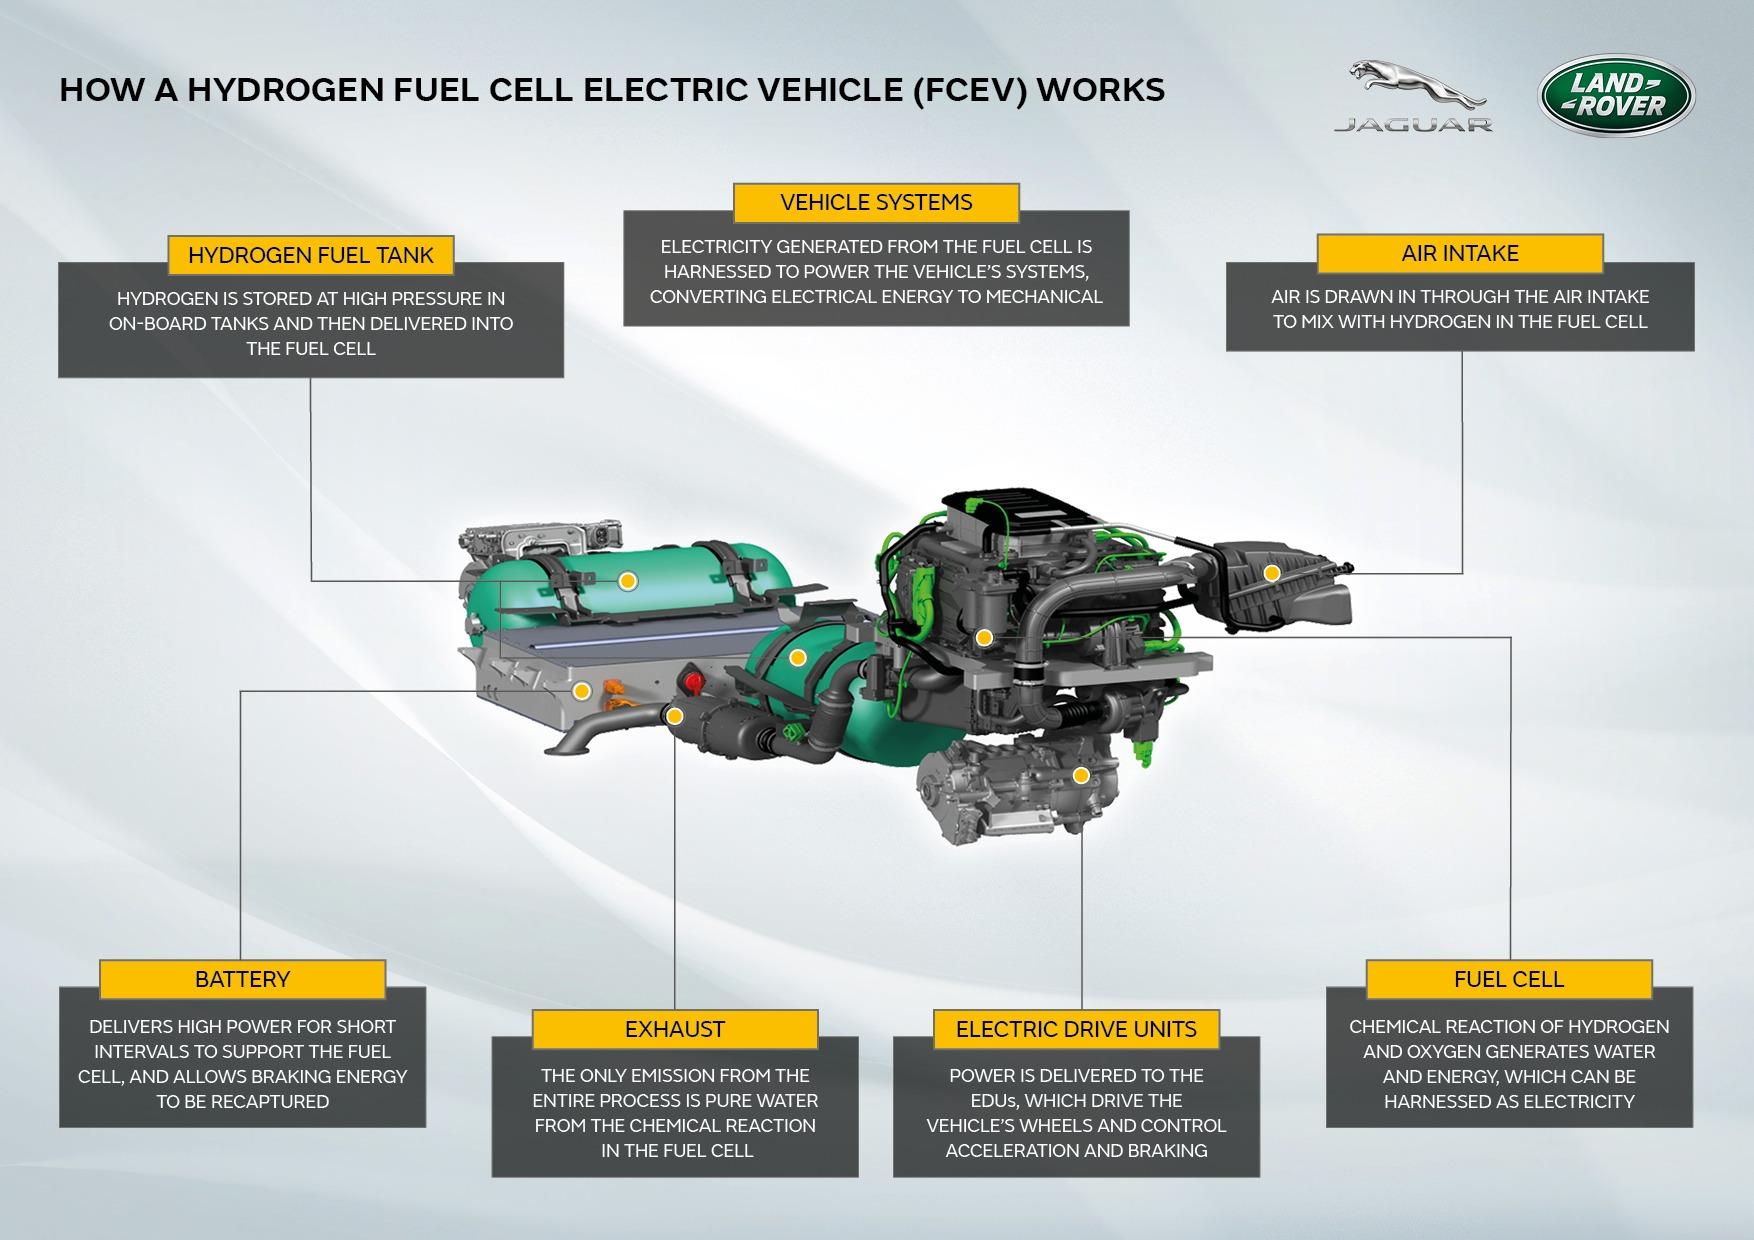 sistema do motor movido a hidrogênio da Land Rover